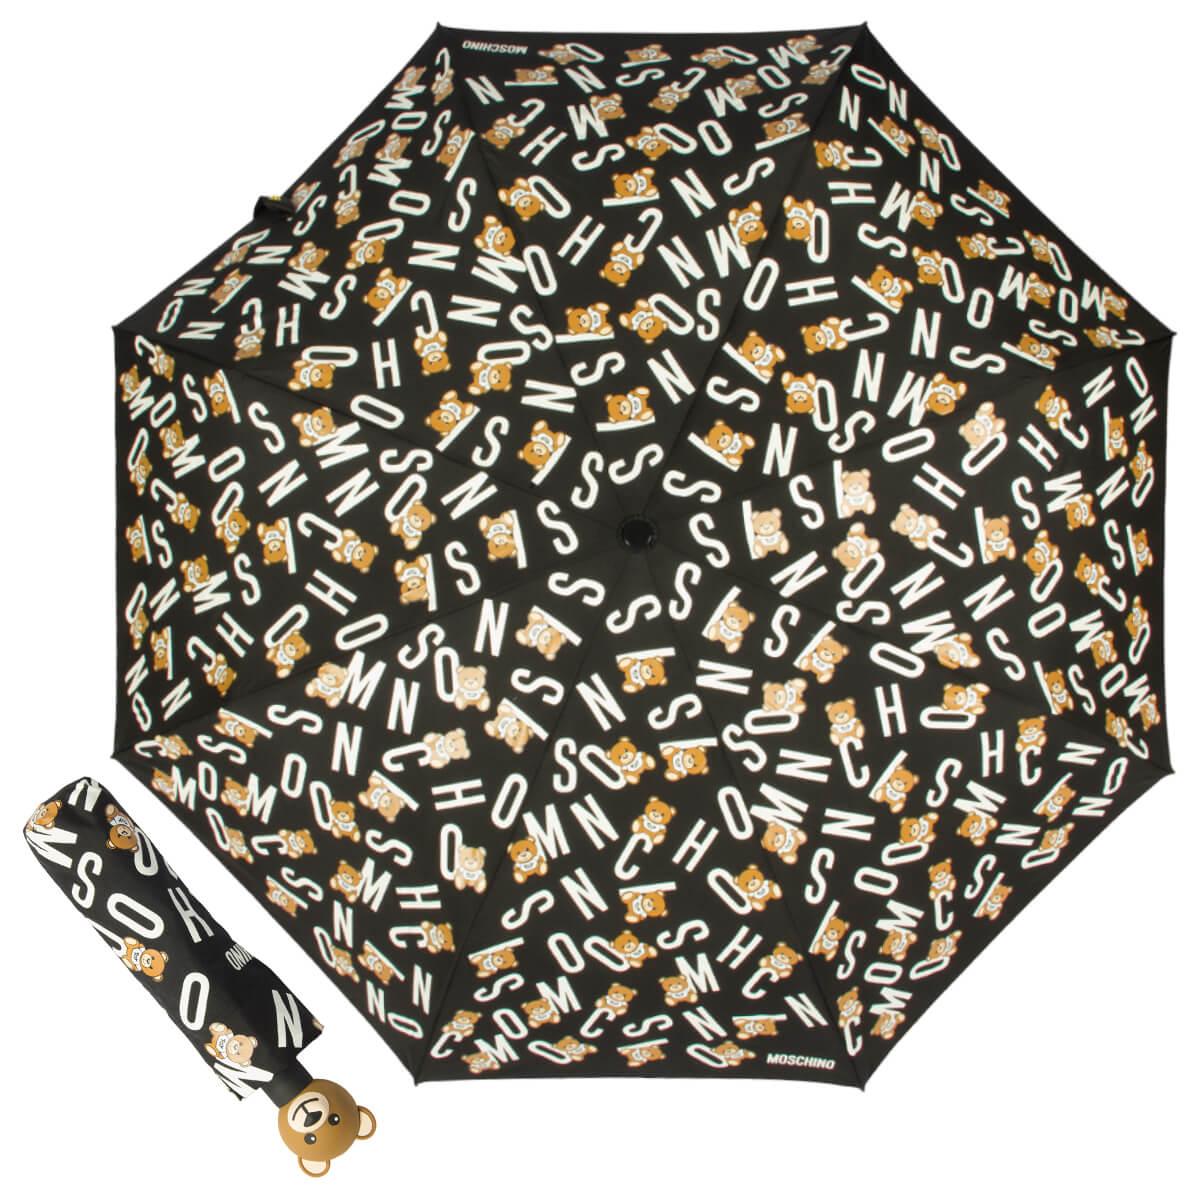 женский зонт москино, оригинальный стиьный